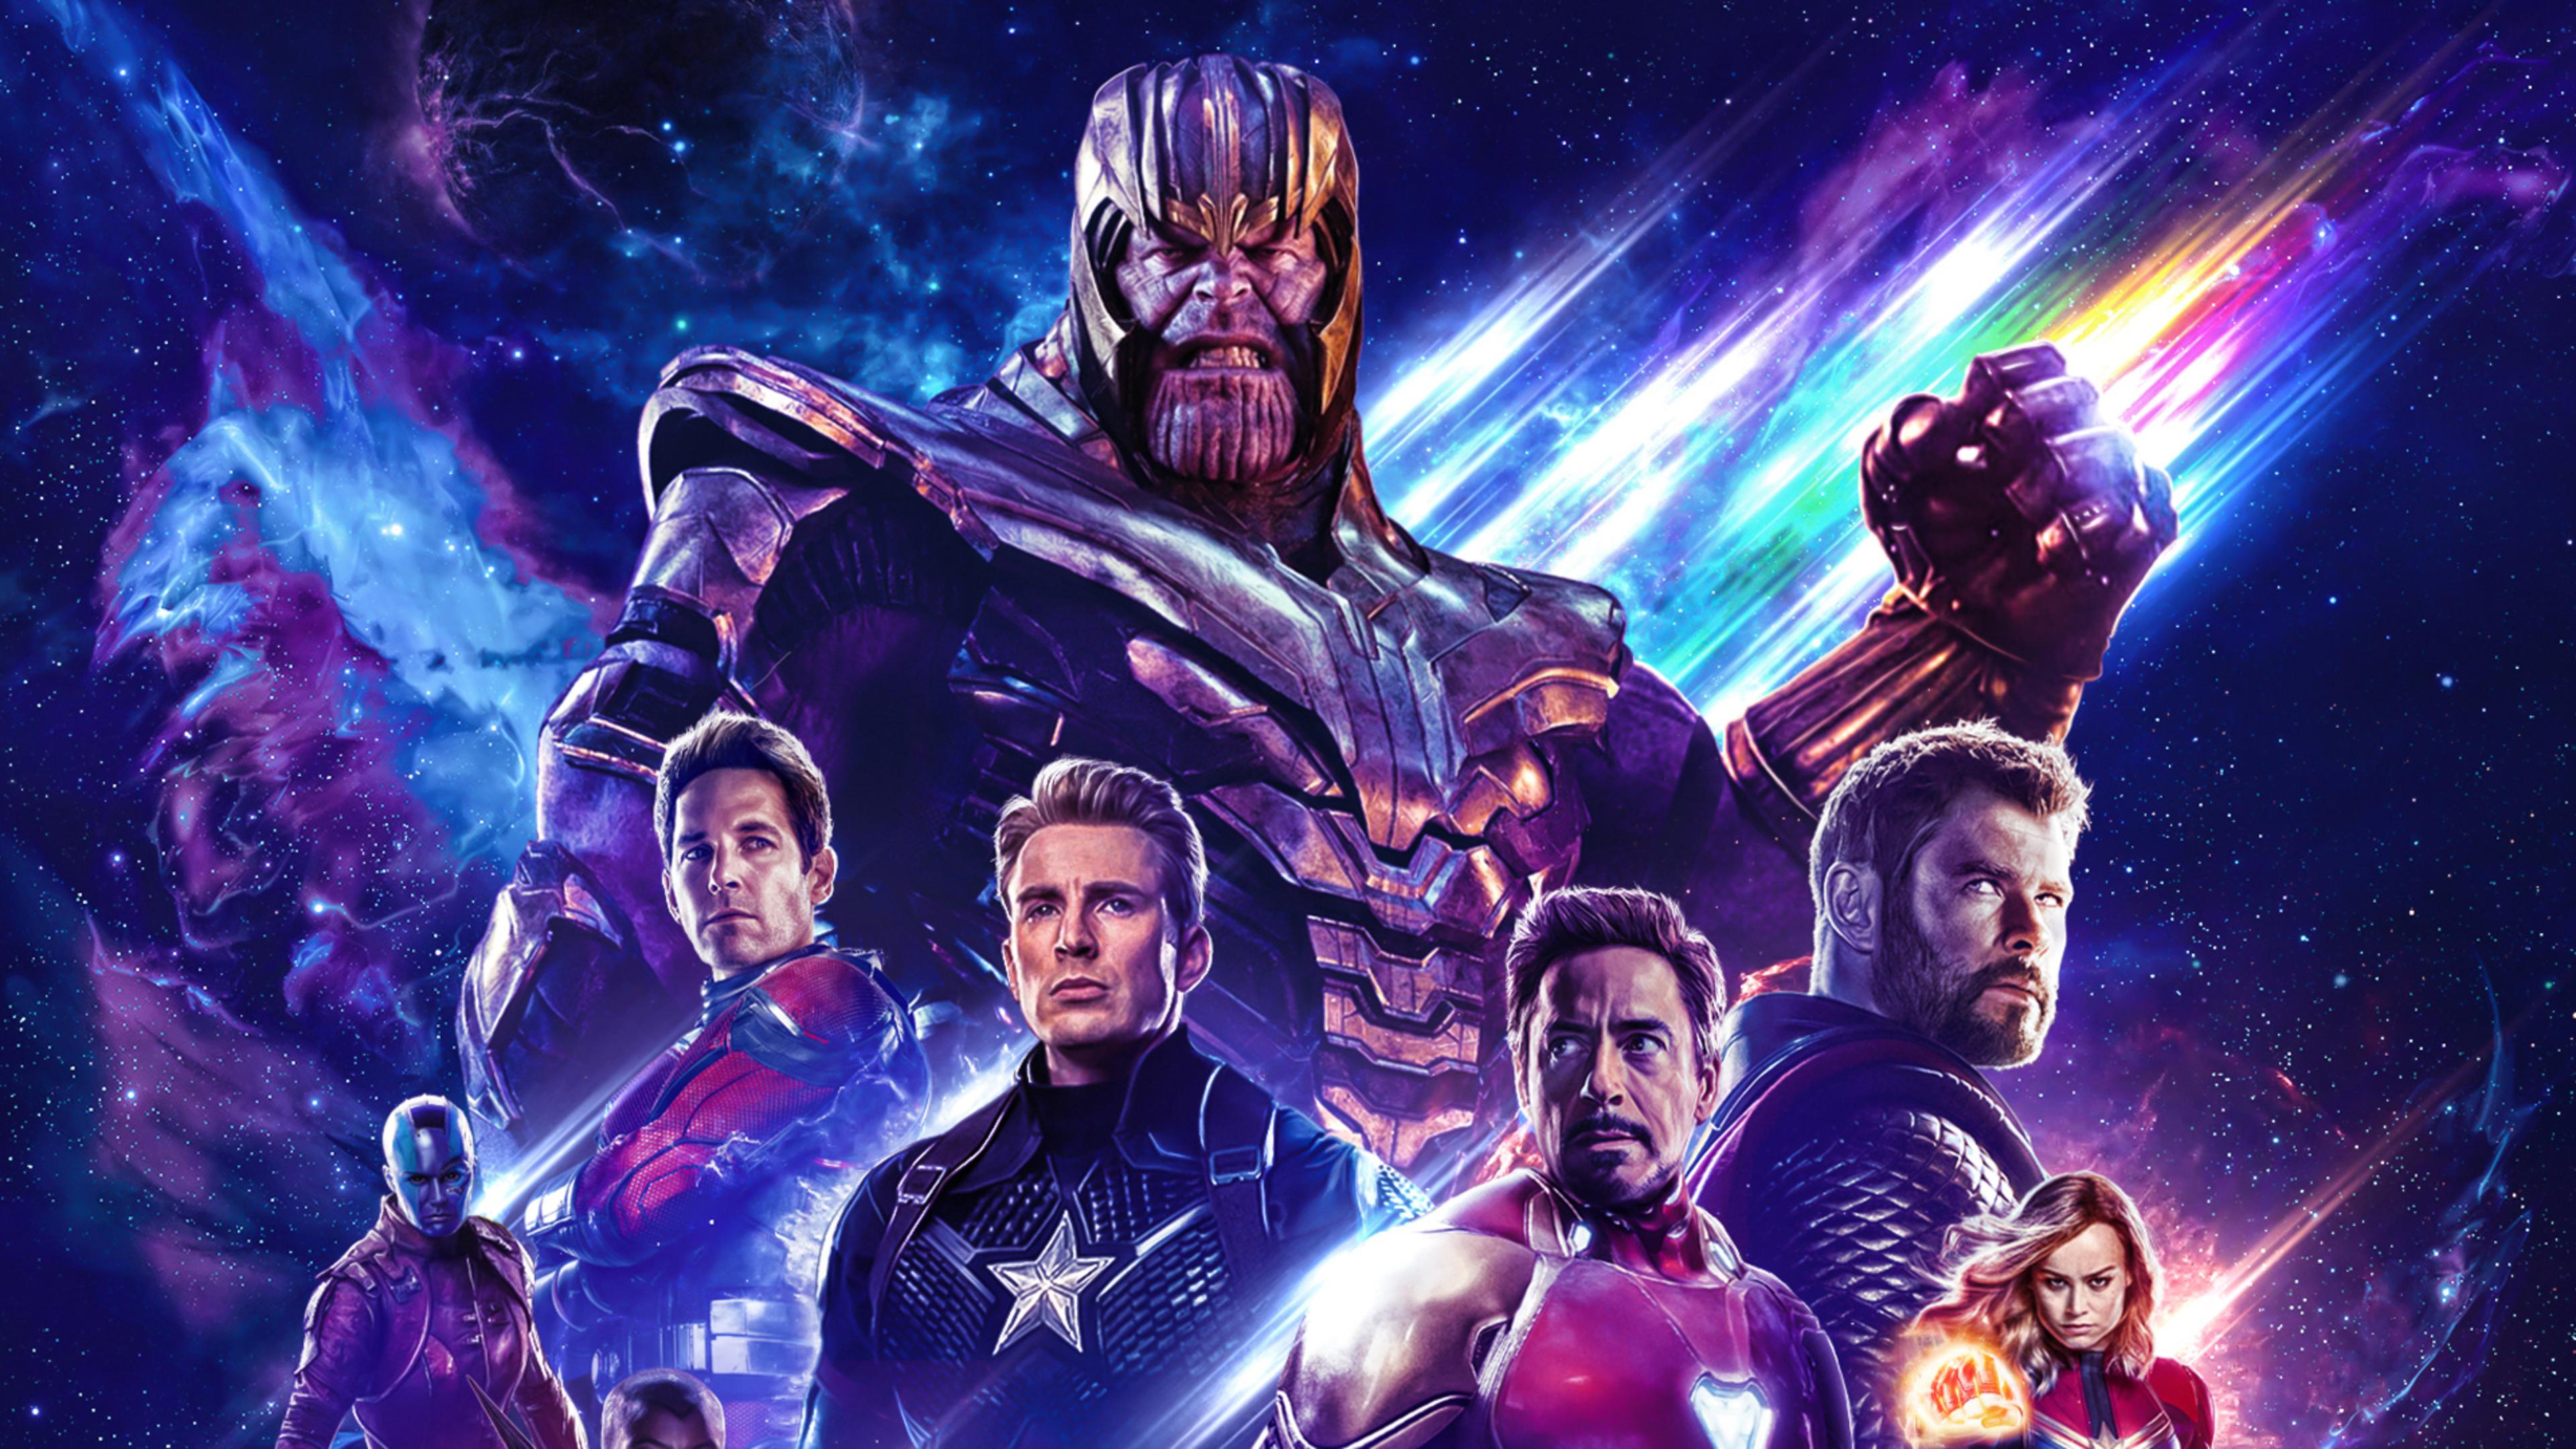 Avengers Endgame Movie Poster Hd